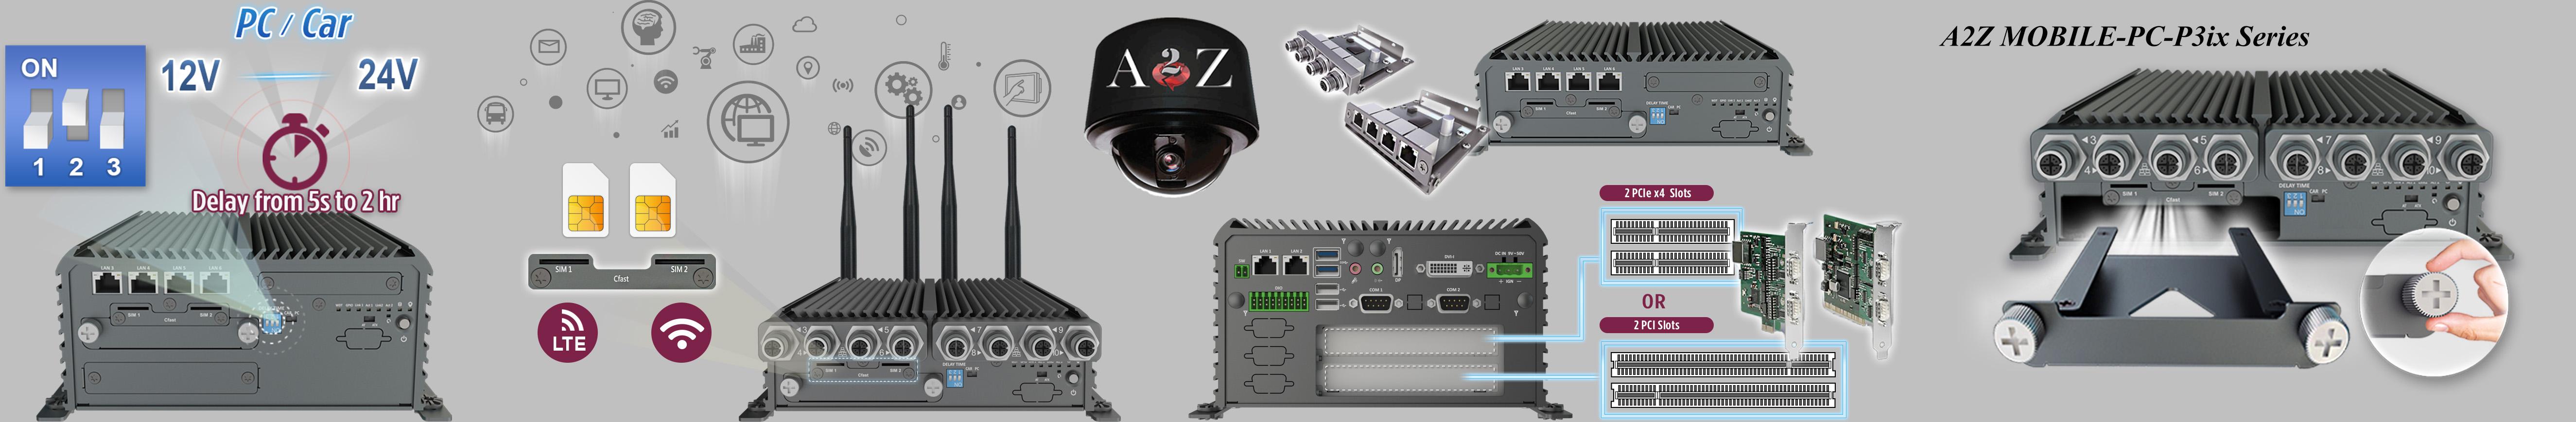 a2z-promo-mobile-pc-p3ix-rugged-pc-nvr-dvr-vms-cms-pro-av.jpg